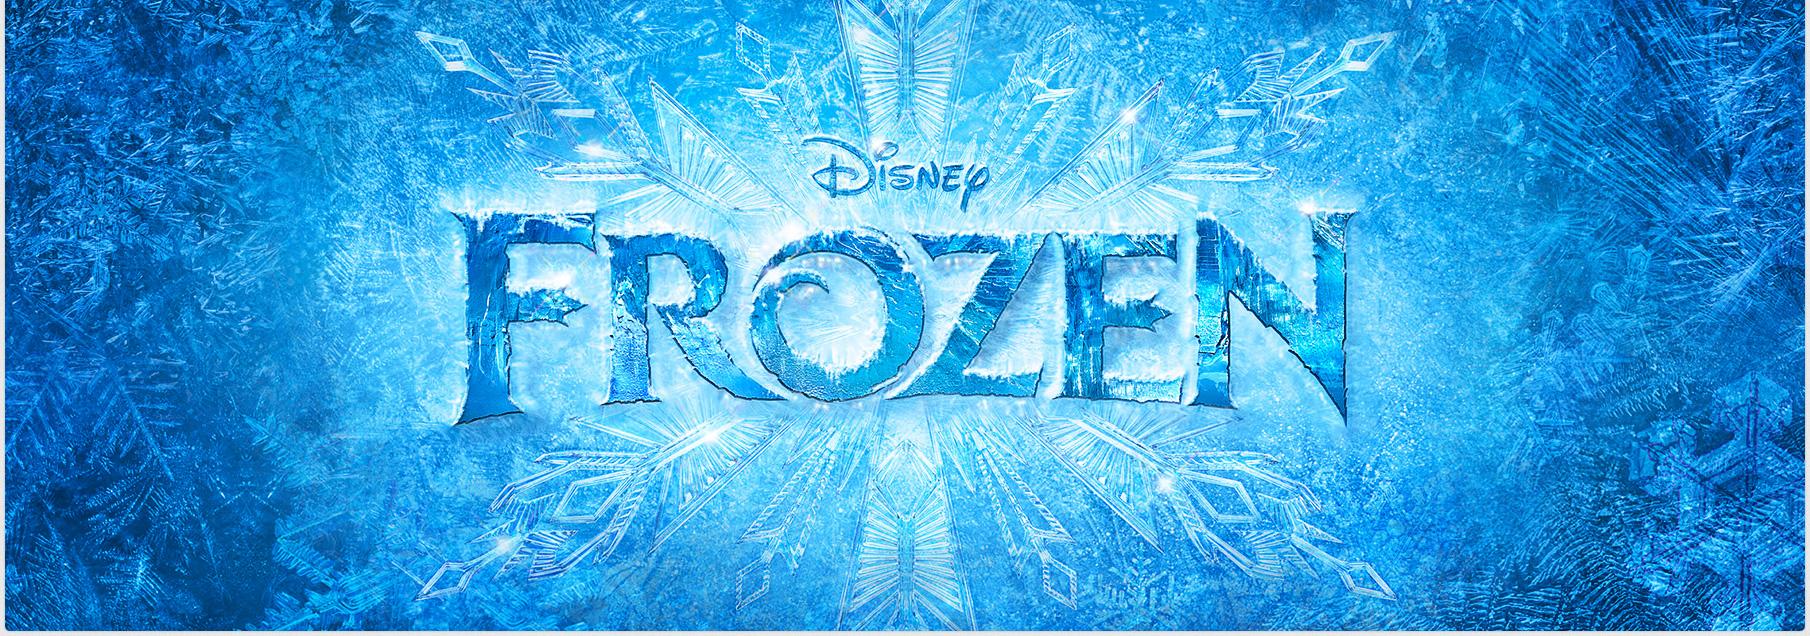 Frozen Disney Movie